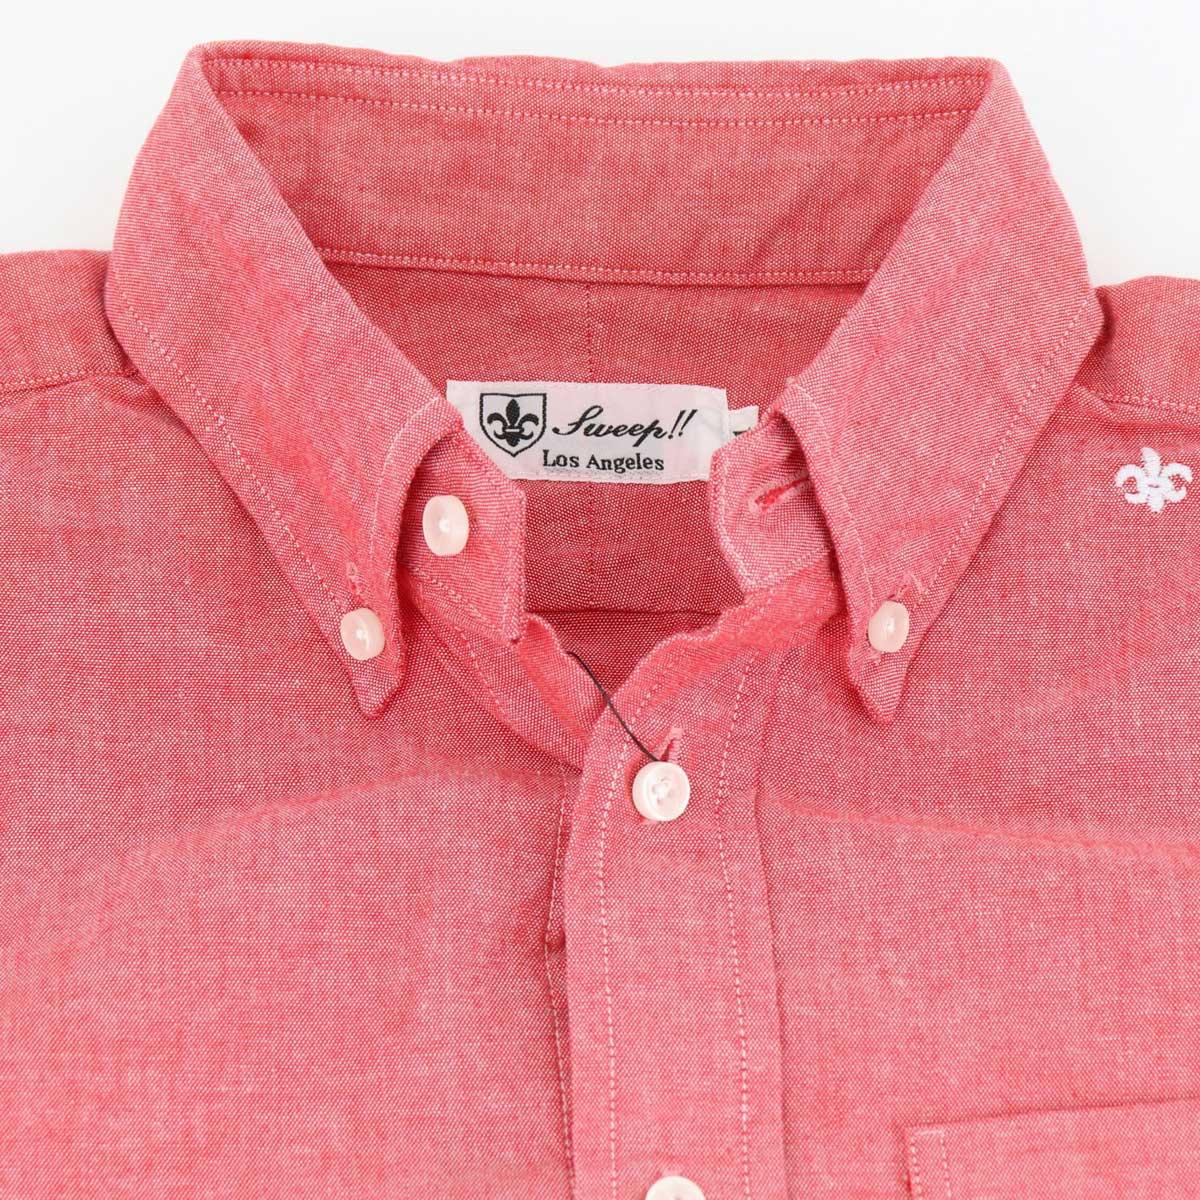 シャンブレー ボタンダウンシャツ(RED)